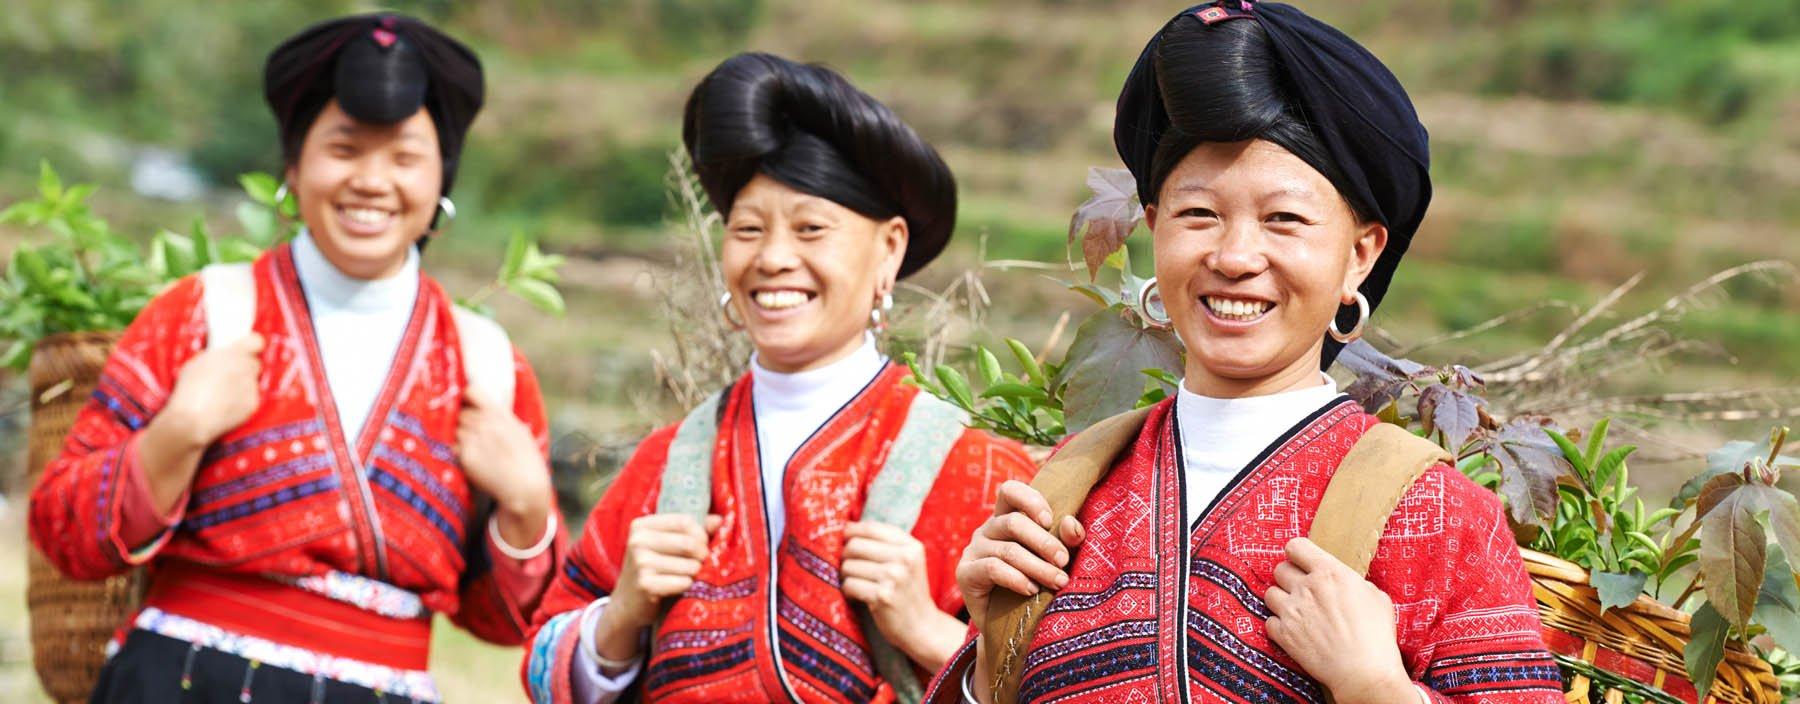 cn, ping'an, yao volk (2).jpg